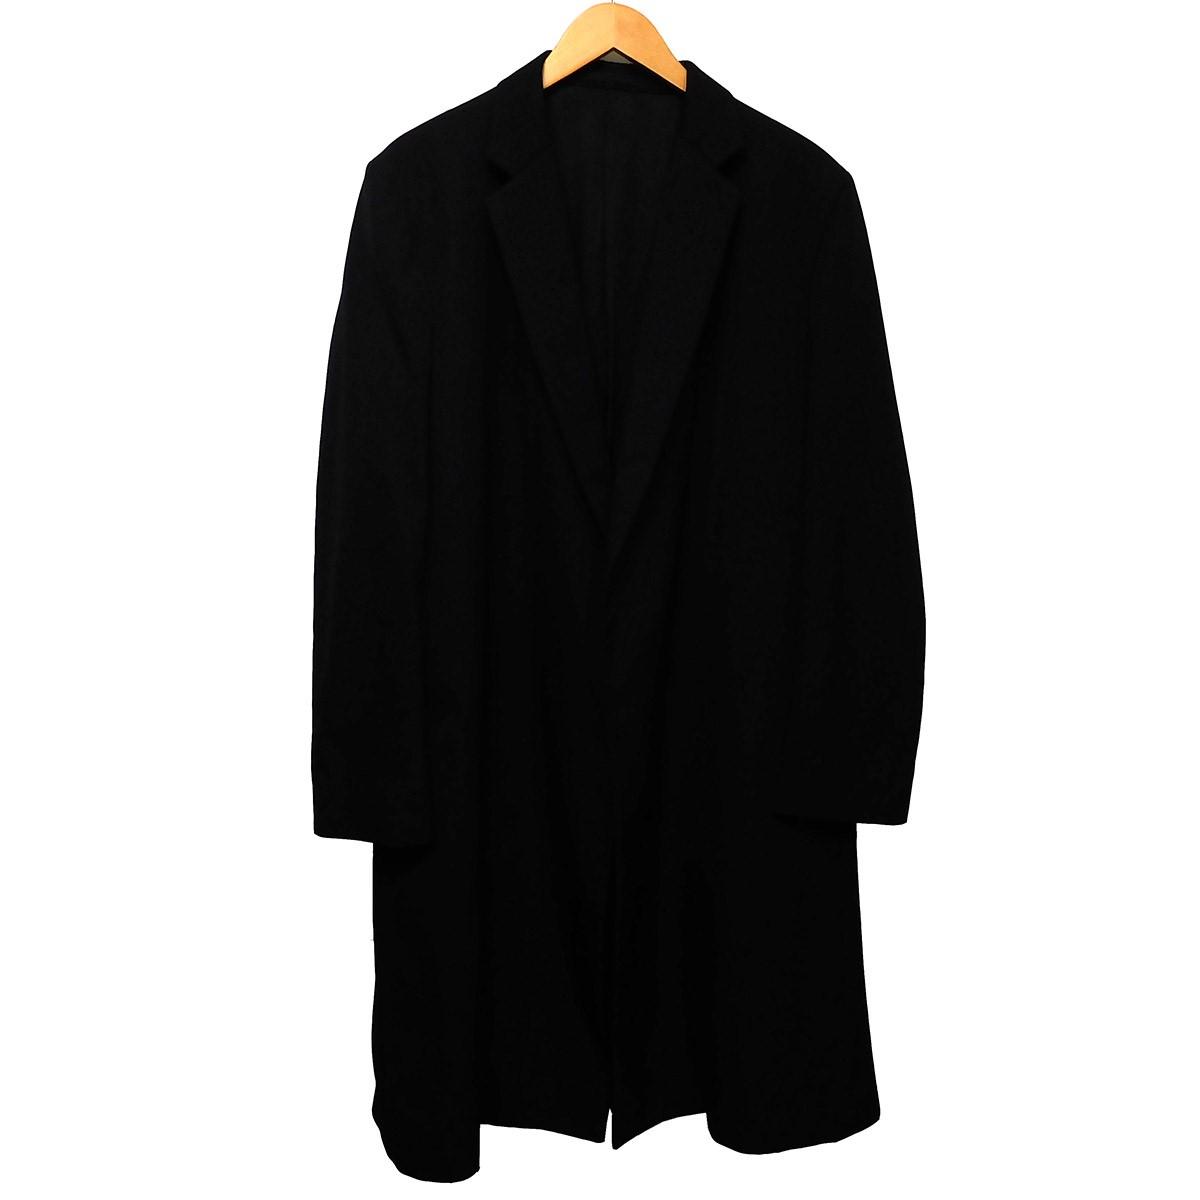 【中古】LAD MUSICIAN 17AW LONG JACKET ブラック サイズ:42 【201119】(ラッドミュージシャン)